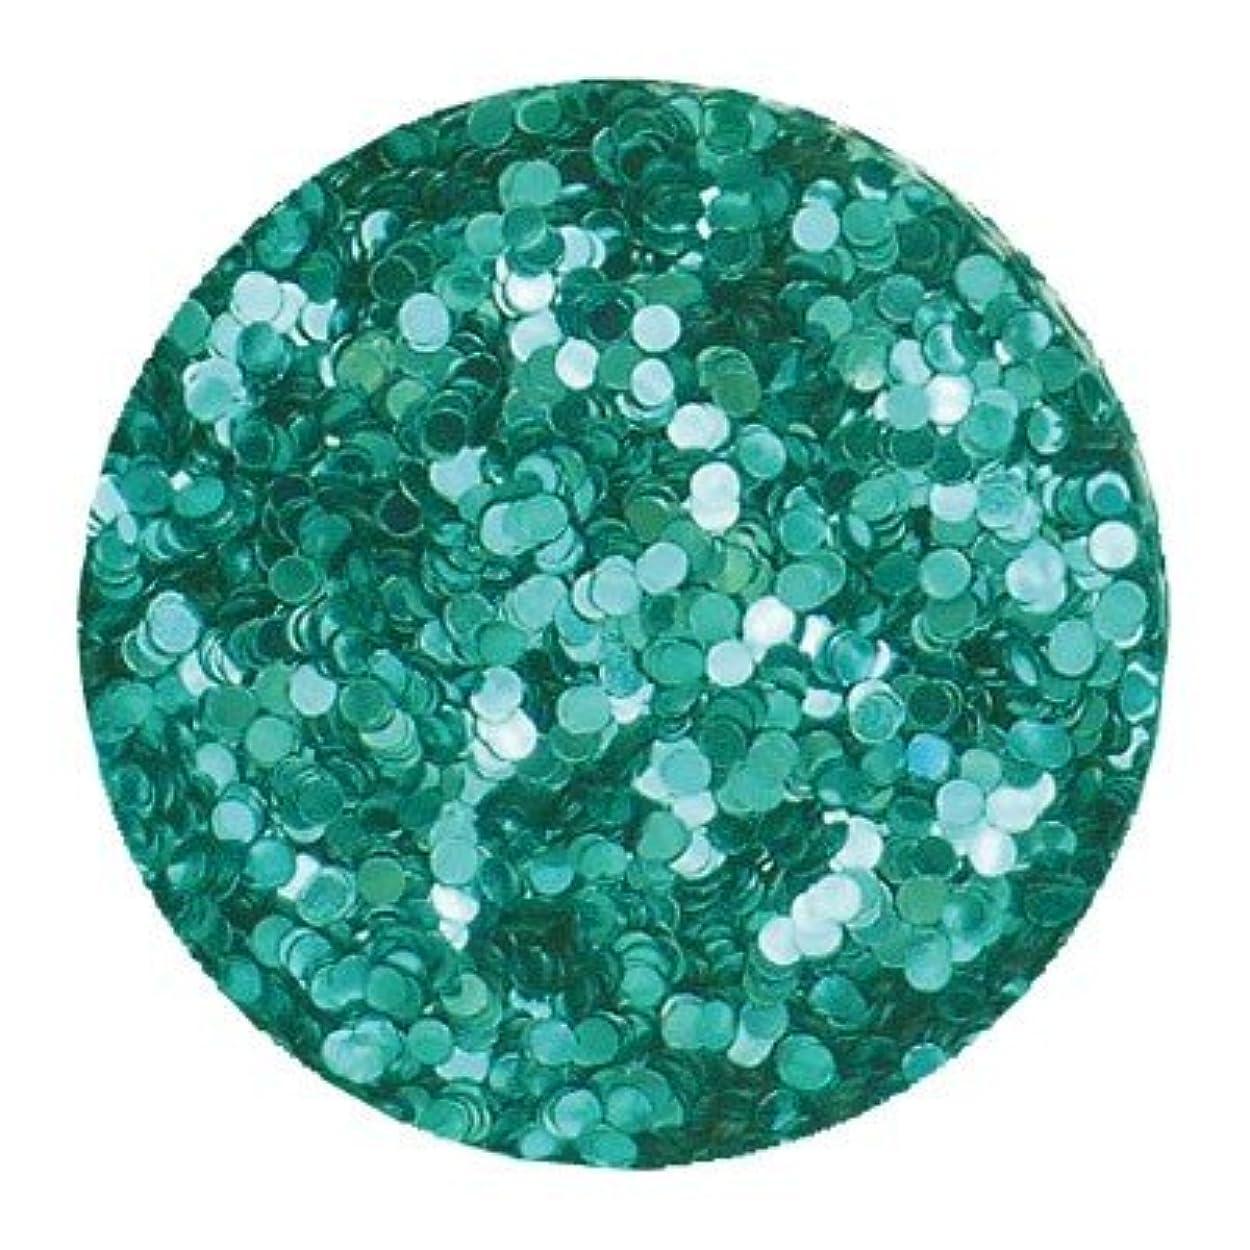 だますふさわしい君主制エリコネイルメタリックブルーグリーン1mm